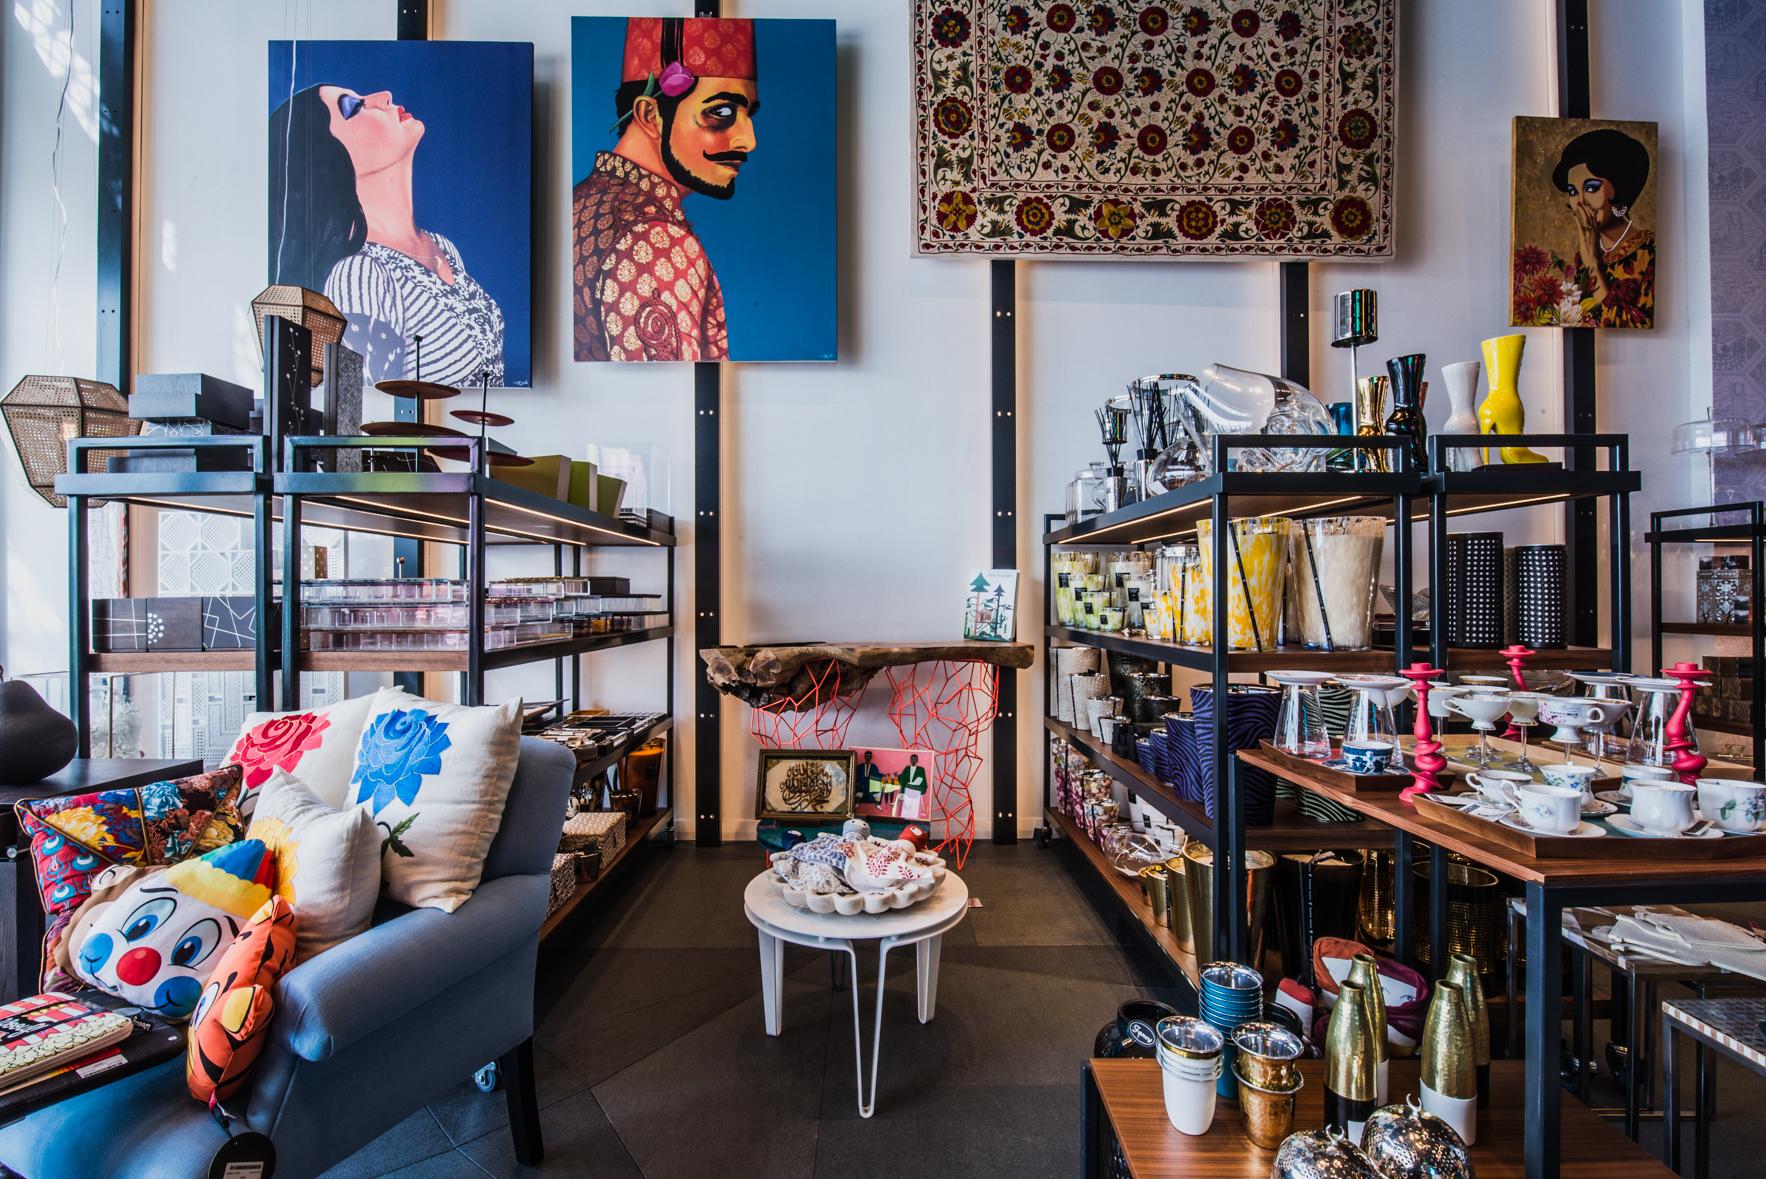 Яркий декор создает из обычного помещения красочный интерьер в стиле фьюжн